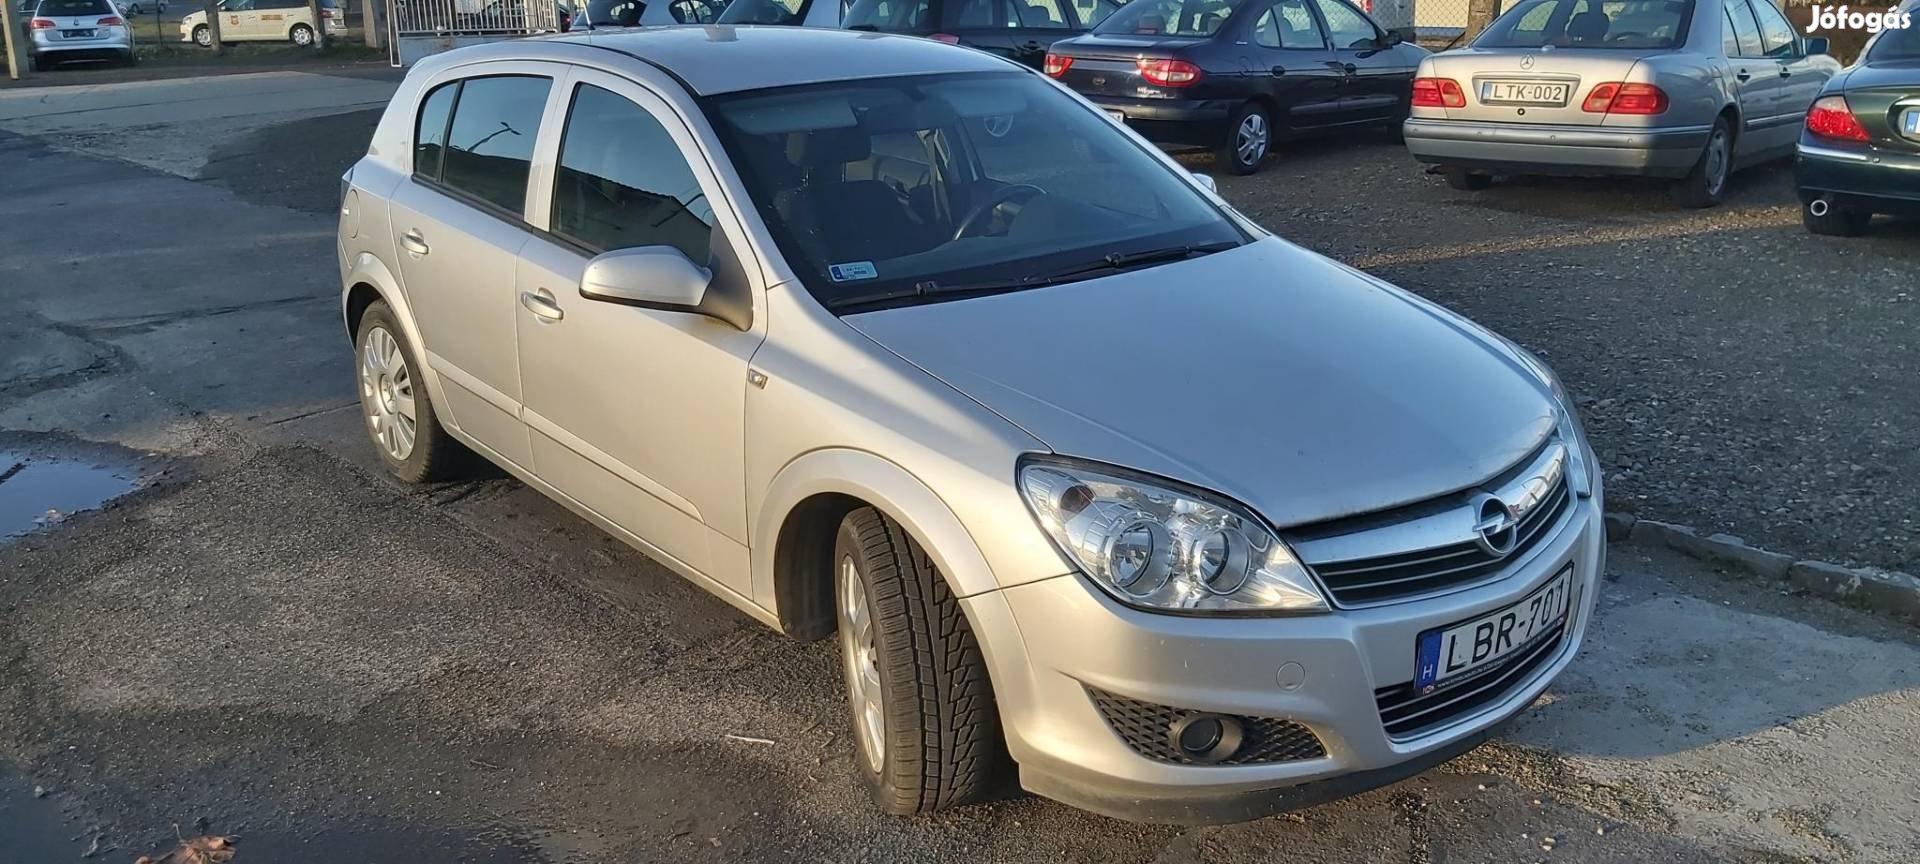 Opel Astra 1.4 Essentia Easytronic valós futás....